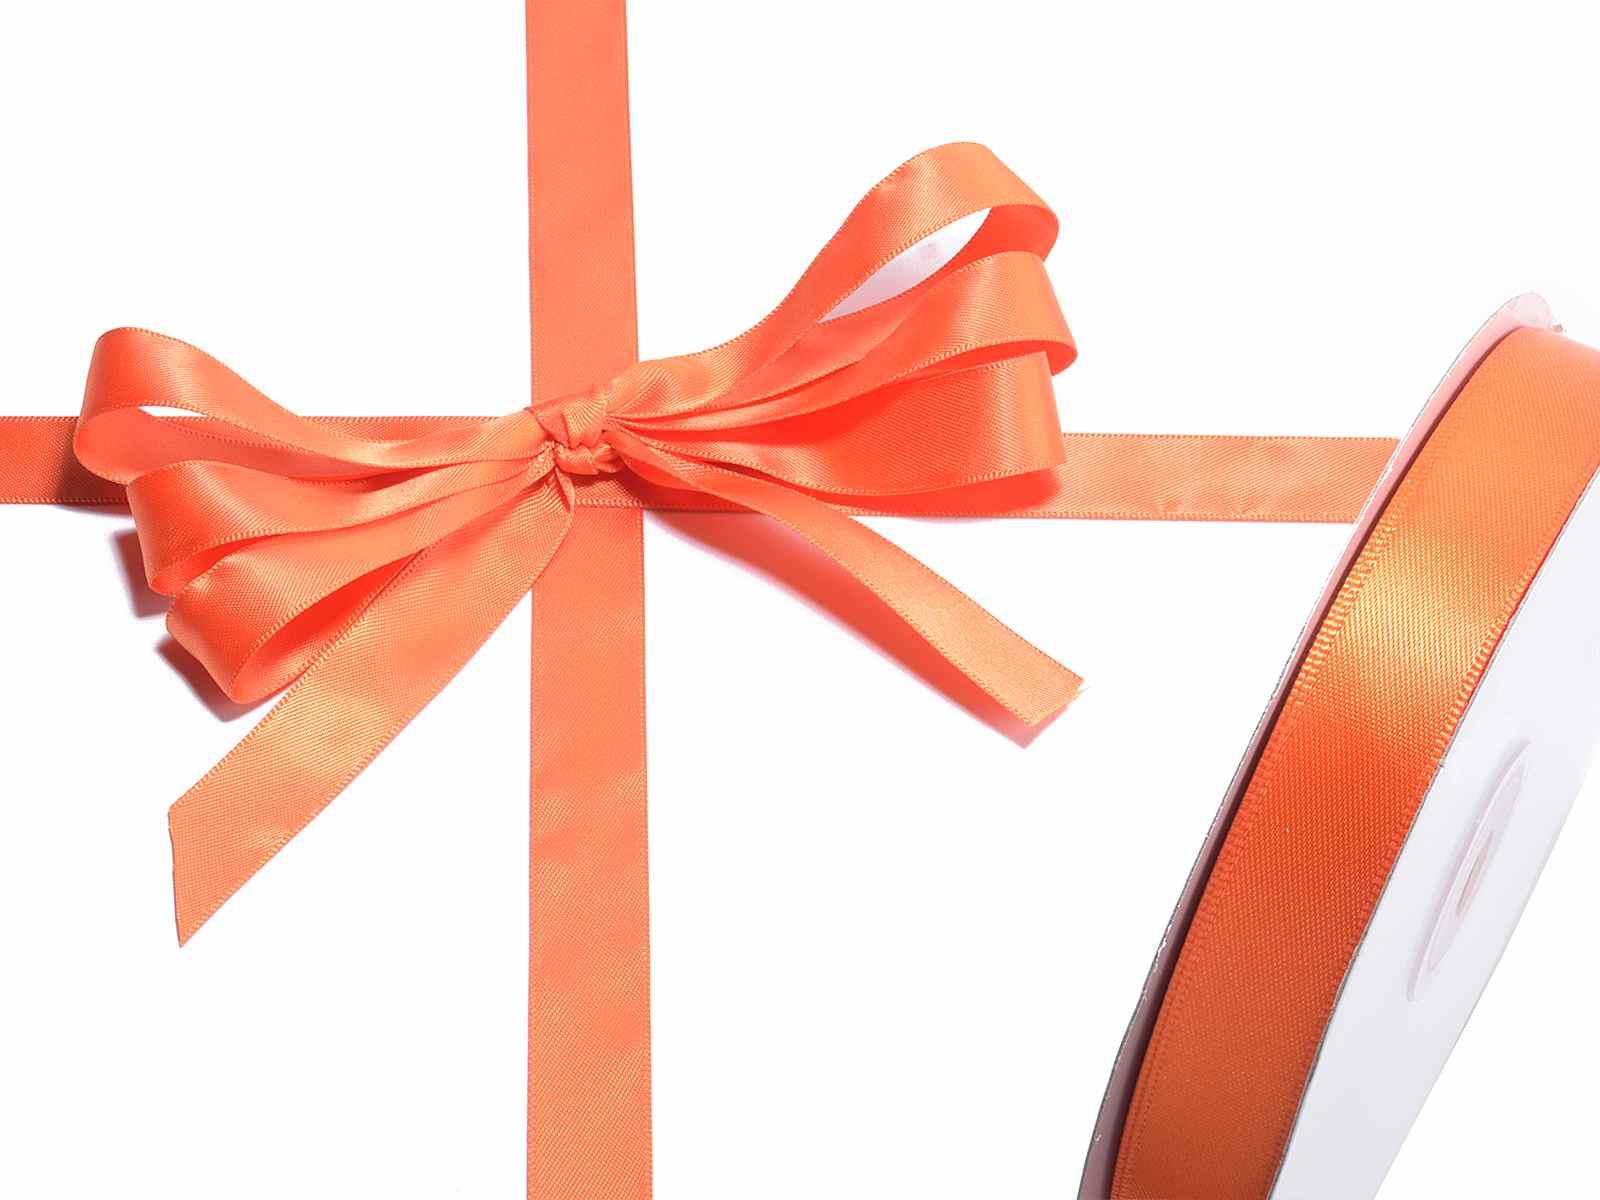 Nastro doppio raso arancione fiamma mm 15 x 50 mt